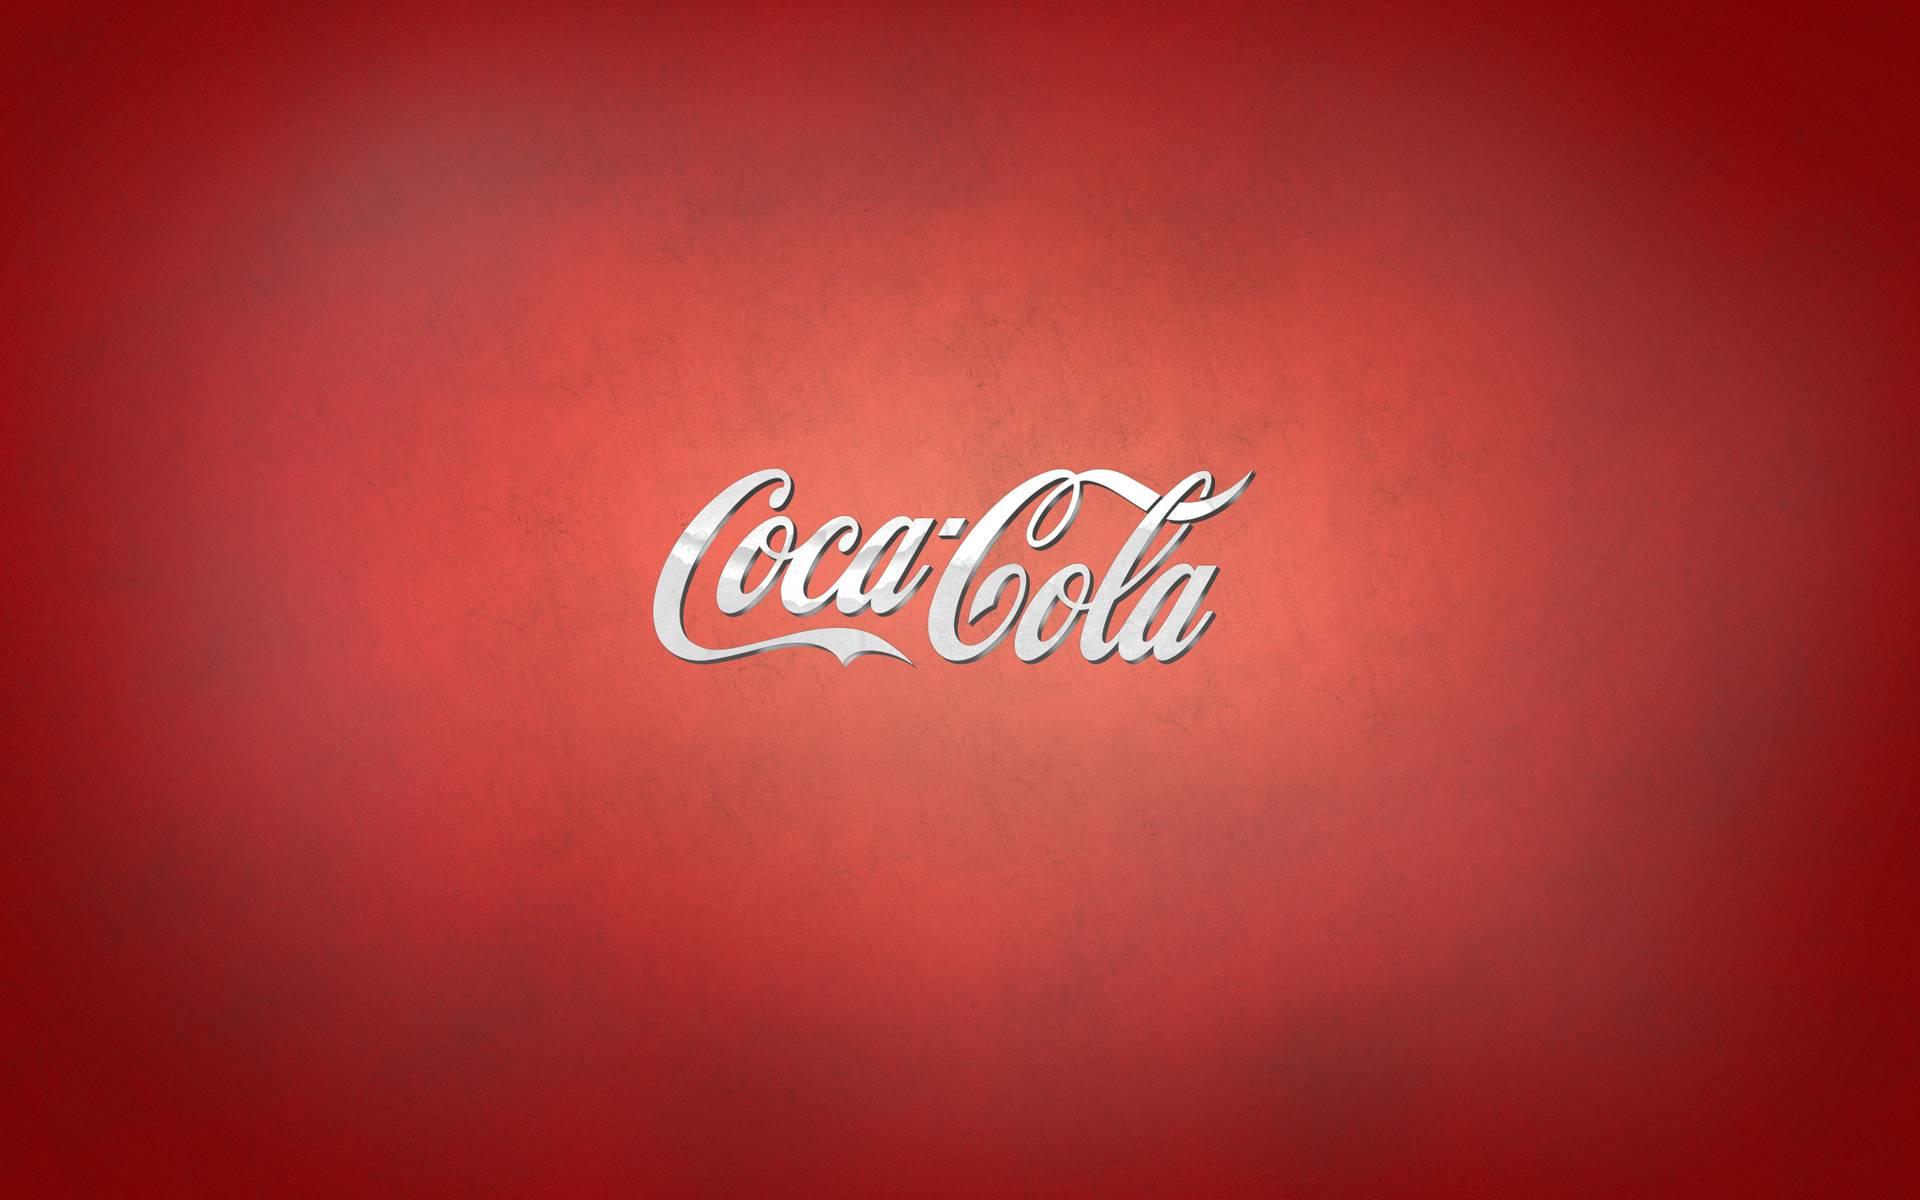 Coca-Cola Backgrounds - Wallpaper Cave